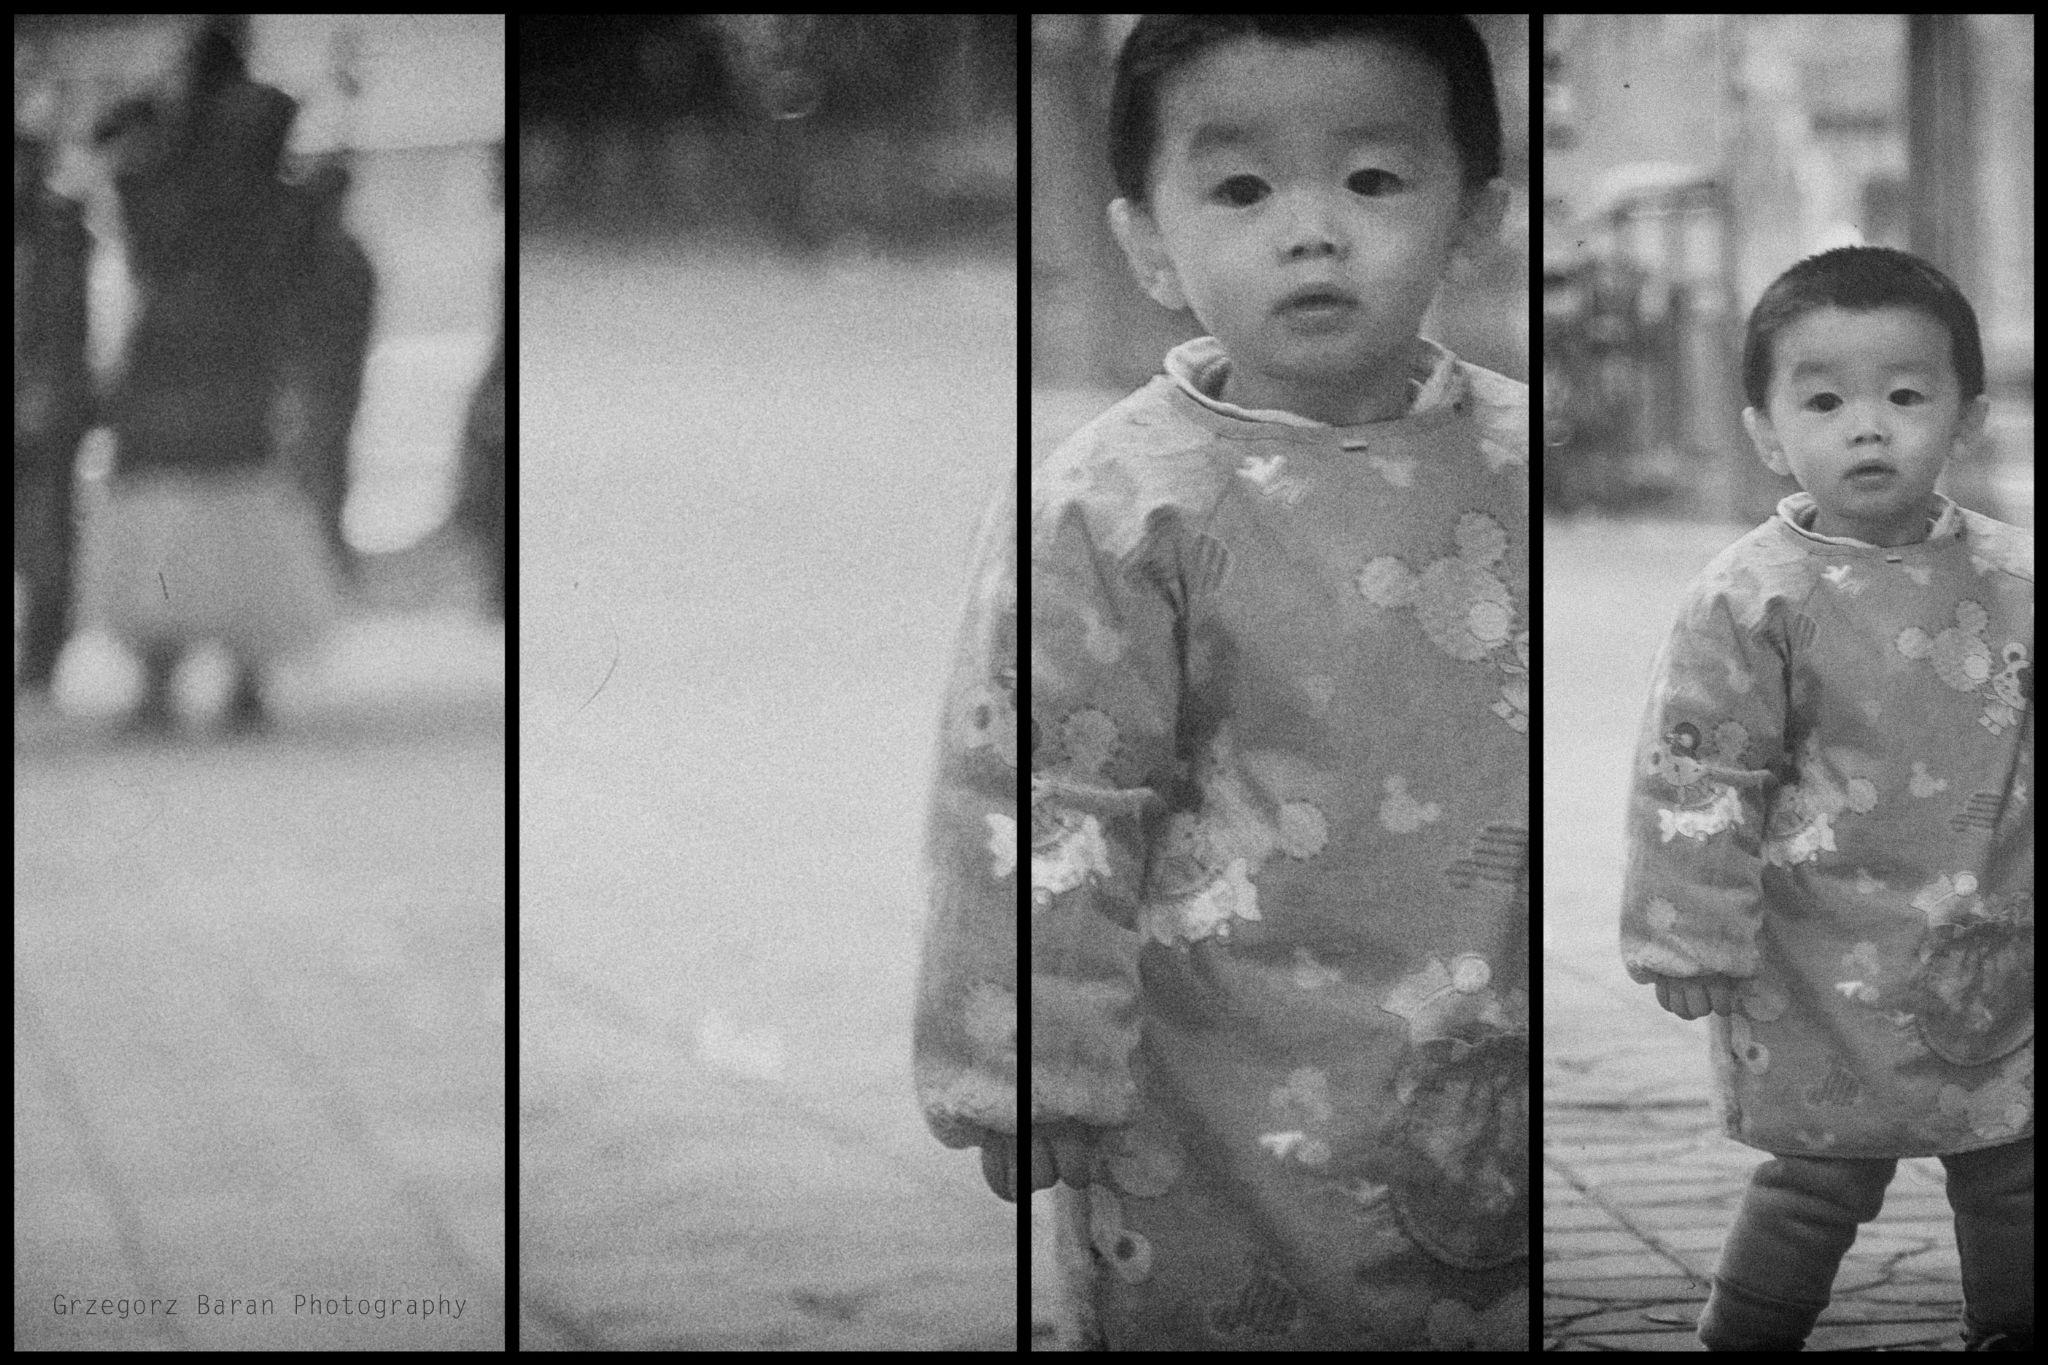 child by Grzegorz Baran